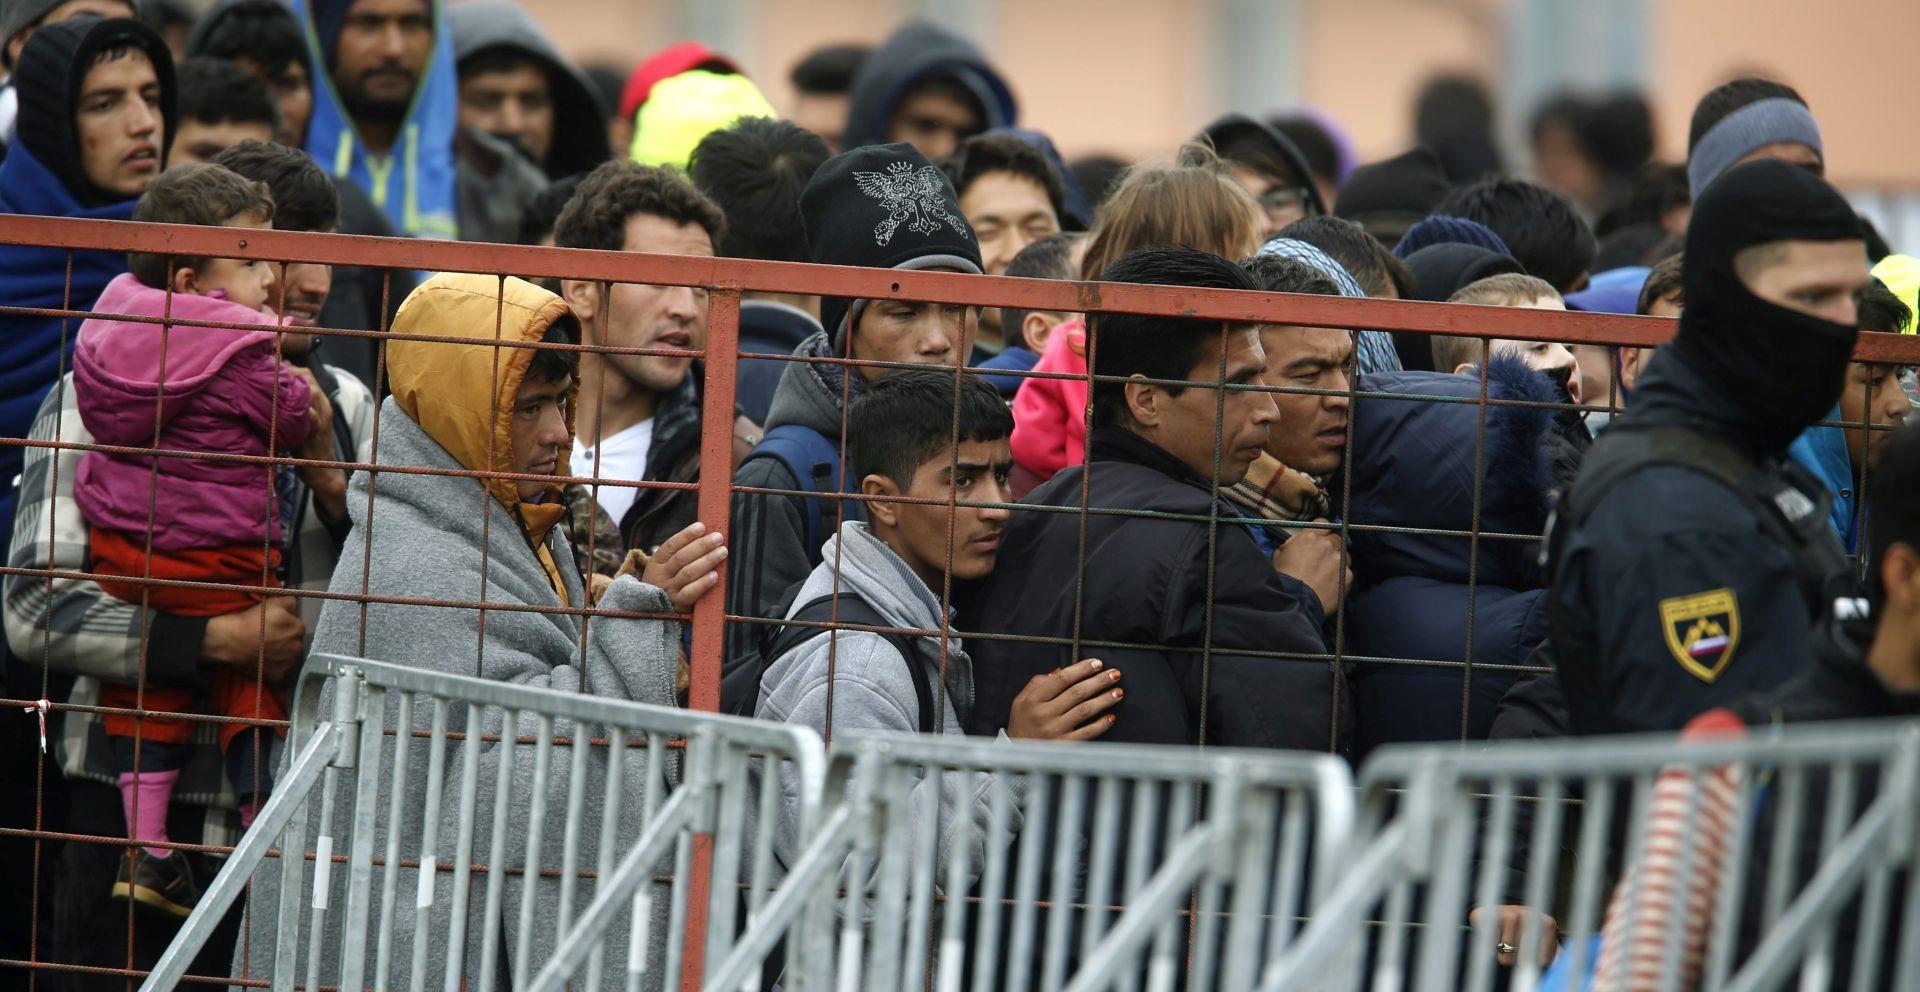 Slovenski parlament odobrio korištenje vojnika na granici s Hrvatskom za slučaj ilegalnih migrantskih prijelaza zelene granice